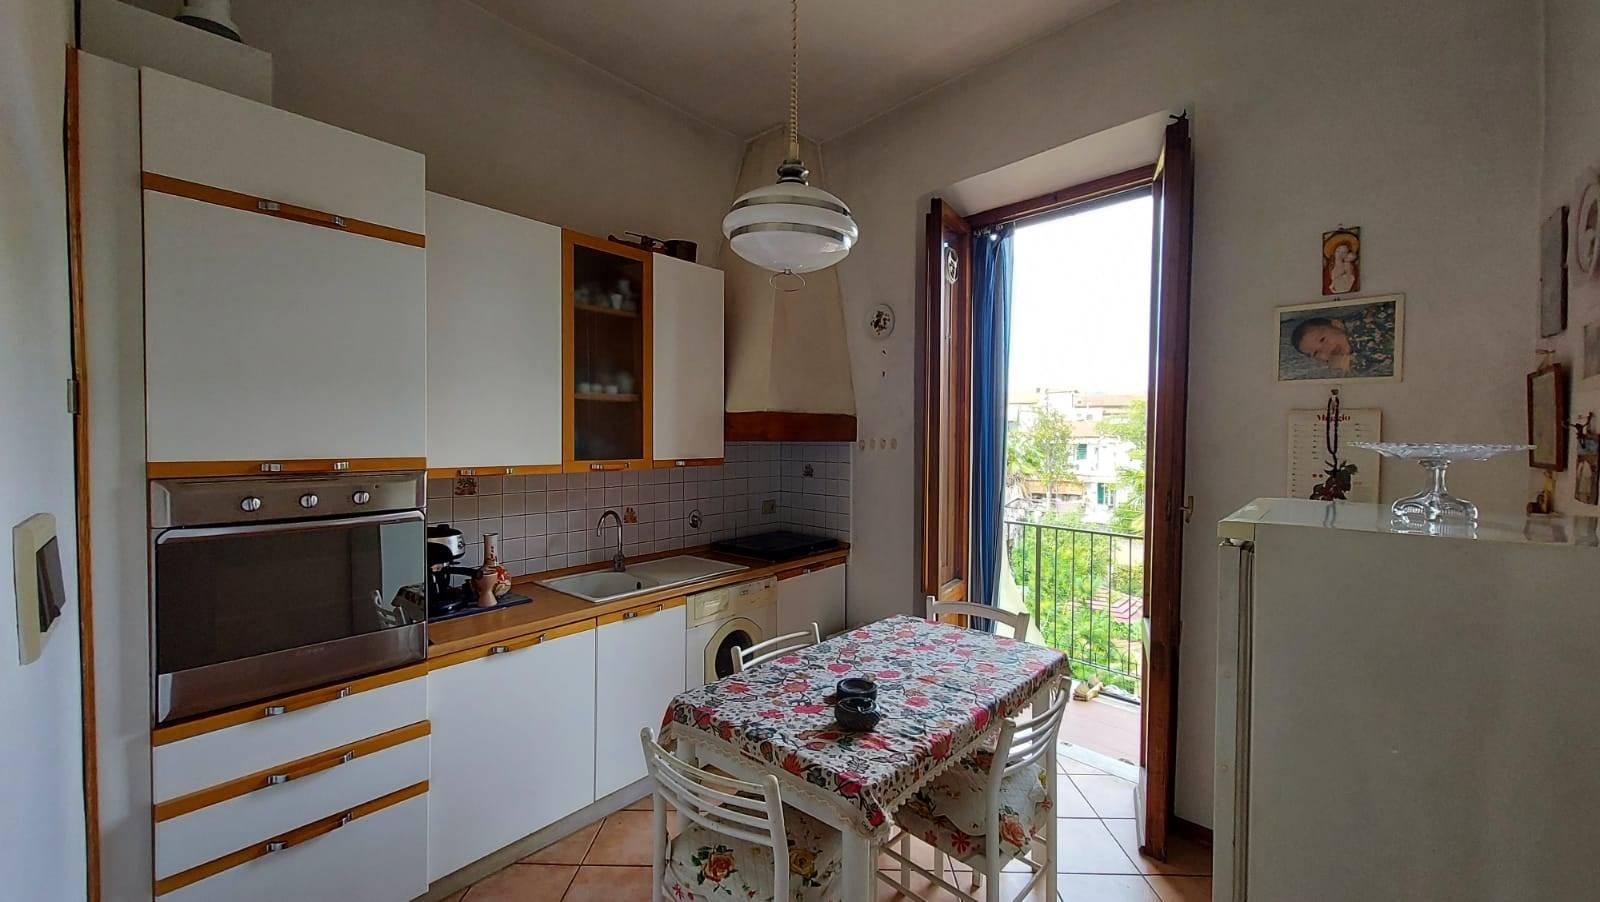 Bellariva, San Salvi, vendesi in piccola palazzina quadrilocale al primo piano. L'appartamento, da ristrutturare, è composta da ingresso, cucina